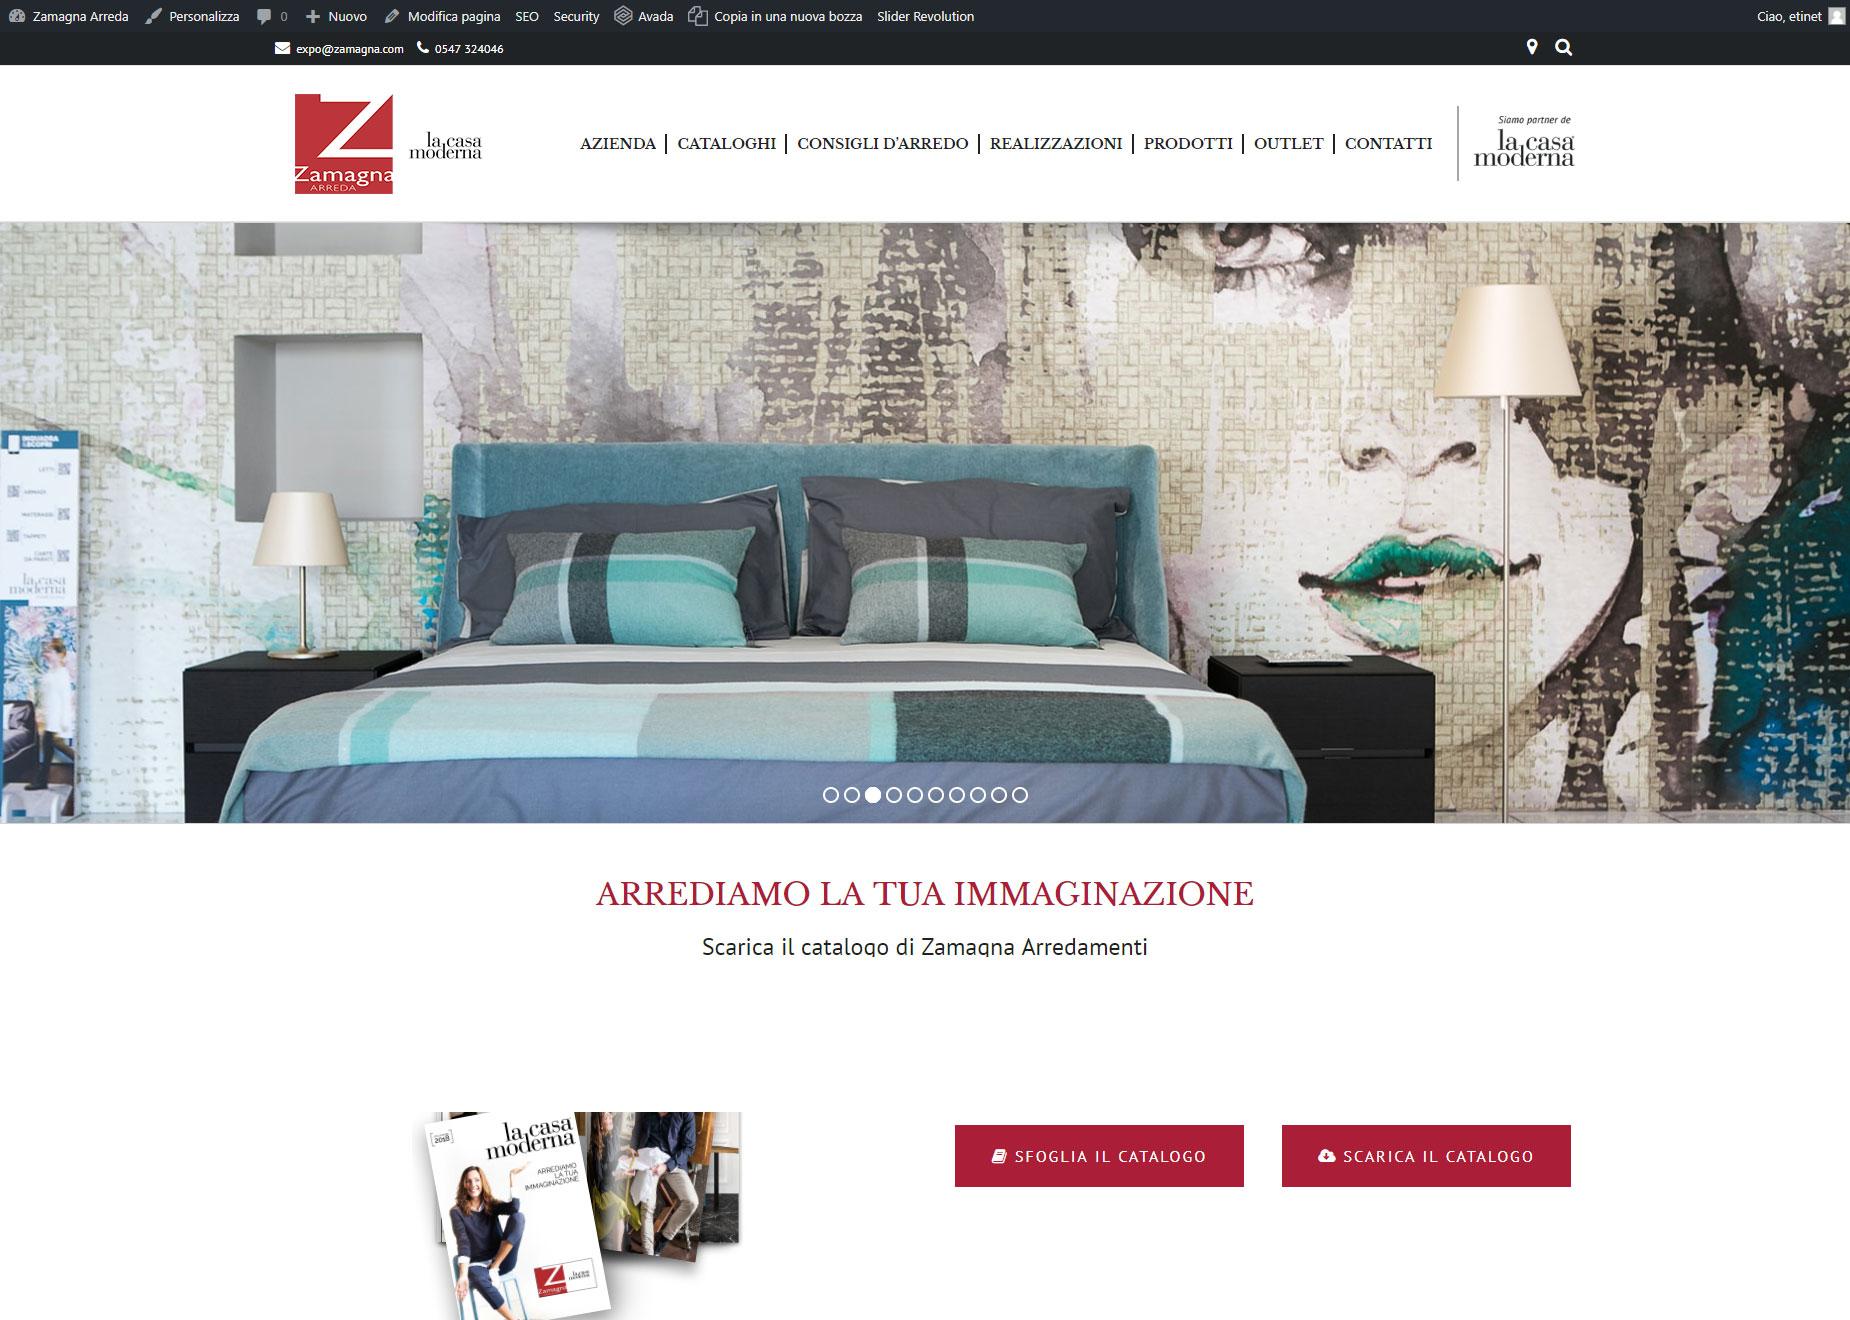 screencapture-zamagnarreda-